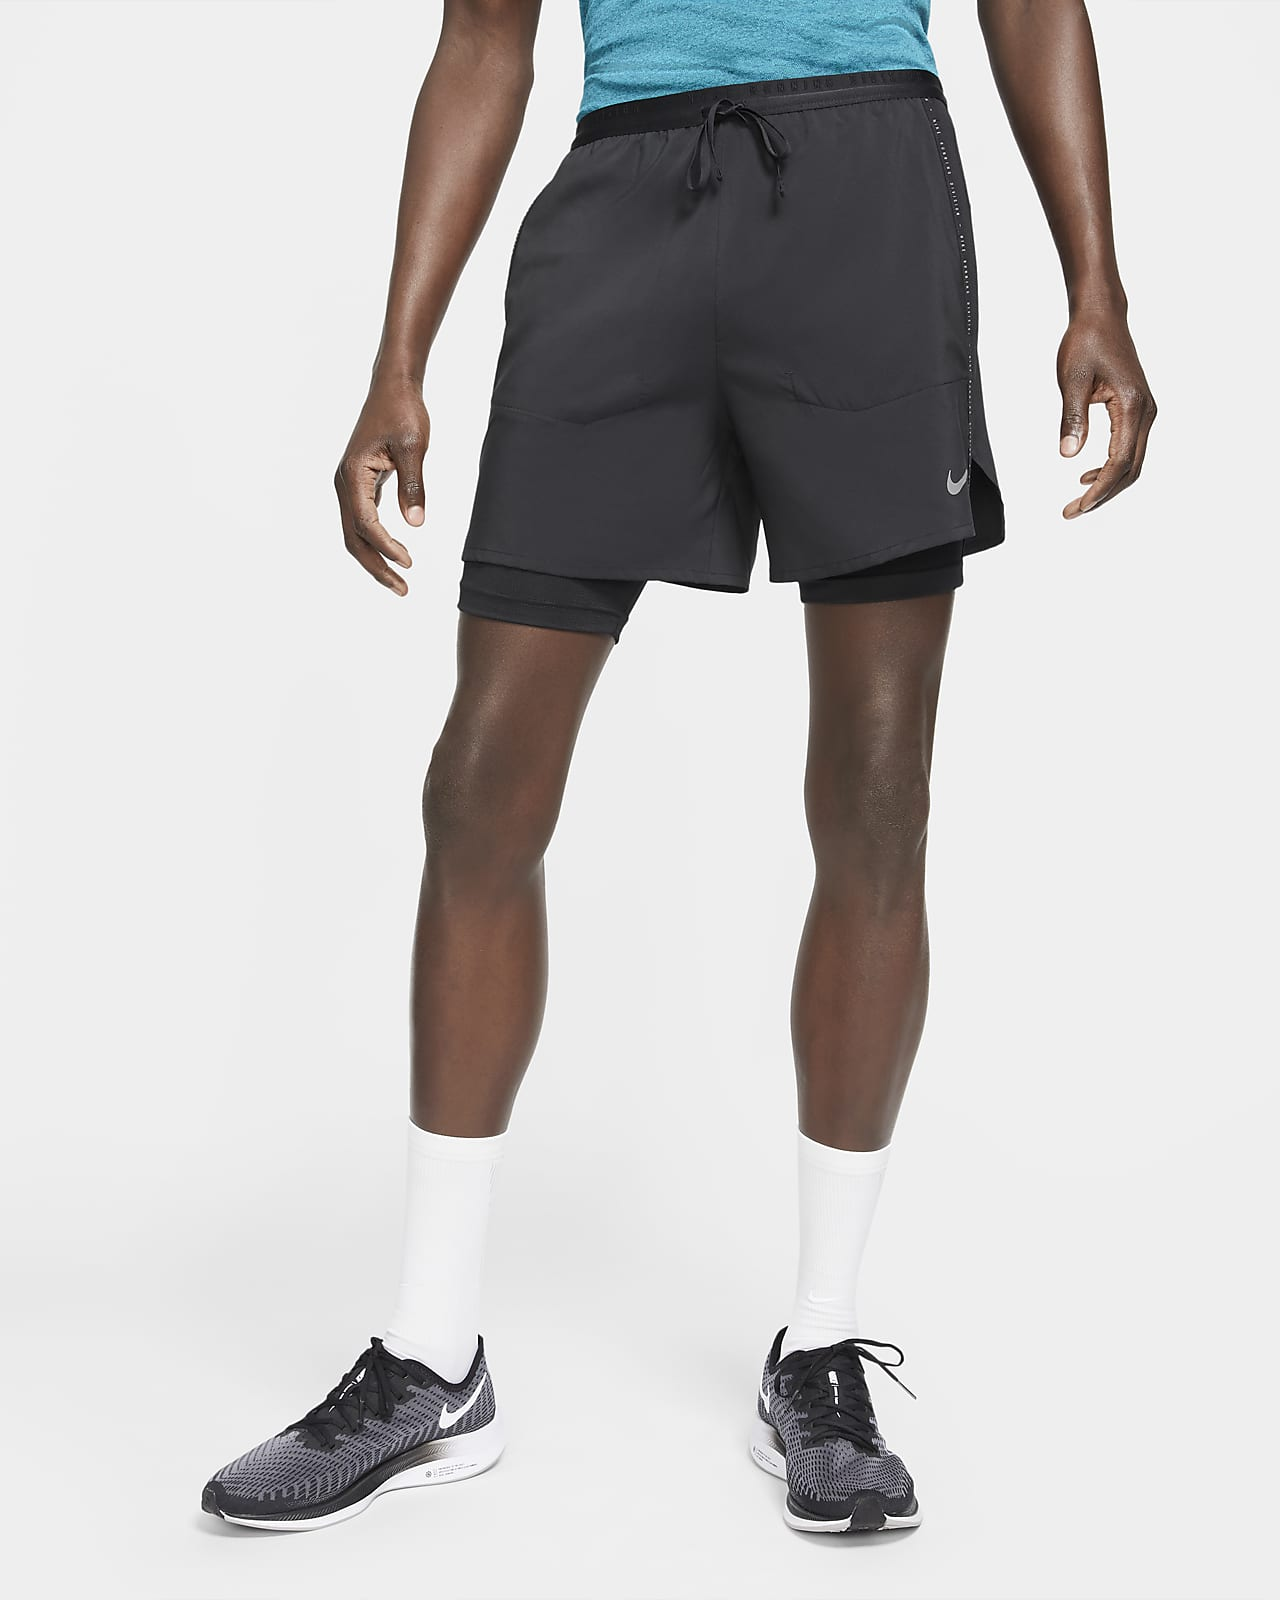 Nike Flex Stride Run Division Hybrid-Laufshorts für Herren